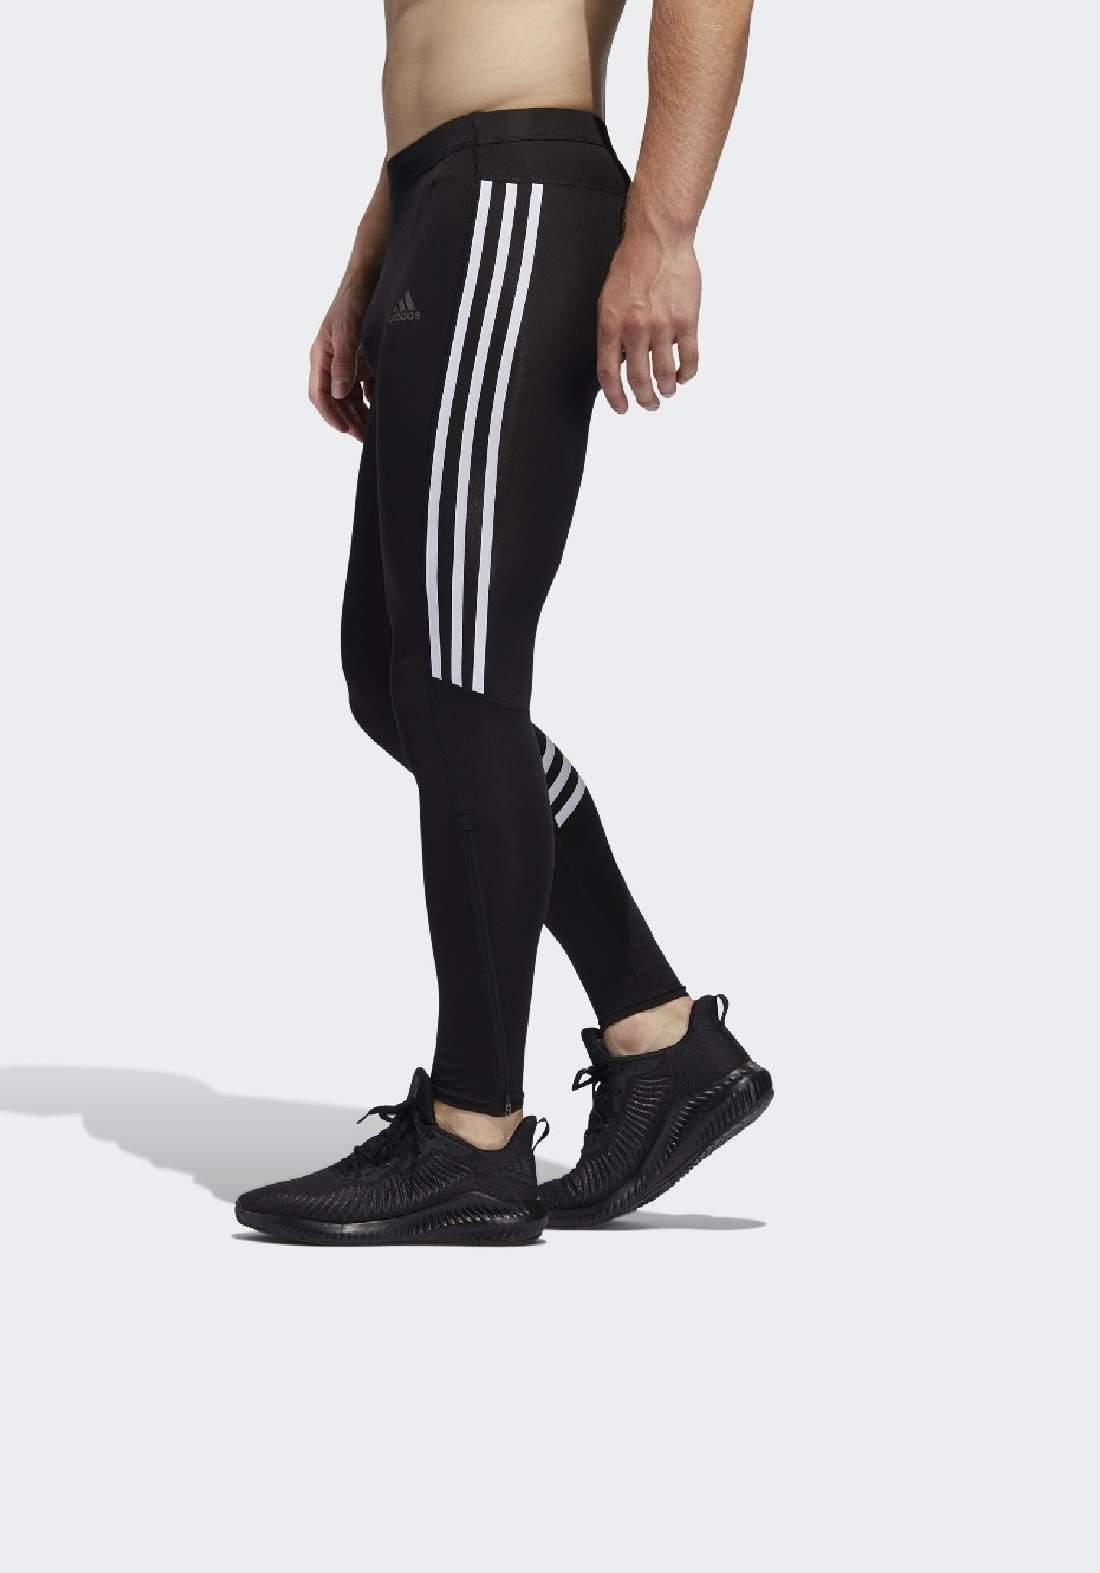 بنطلون رياضي رجالي اسود اللون من Adidas